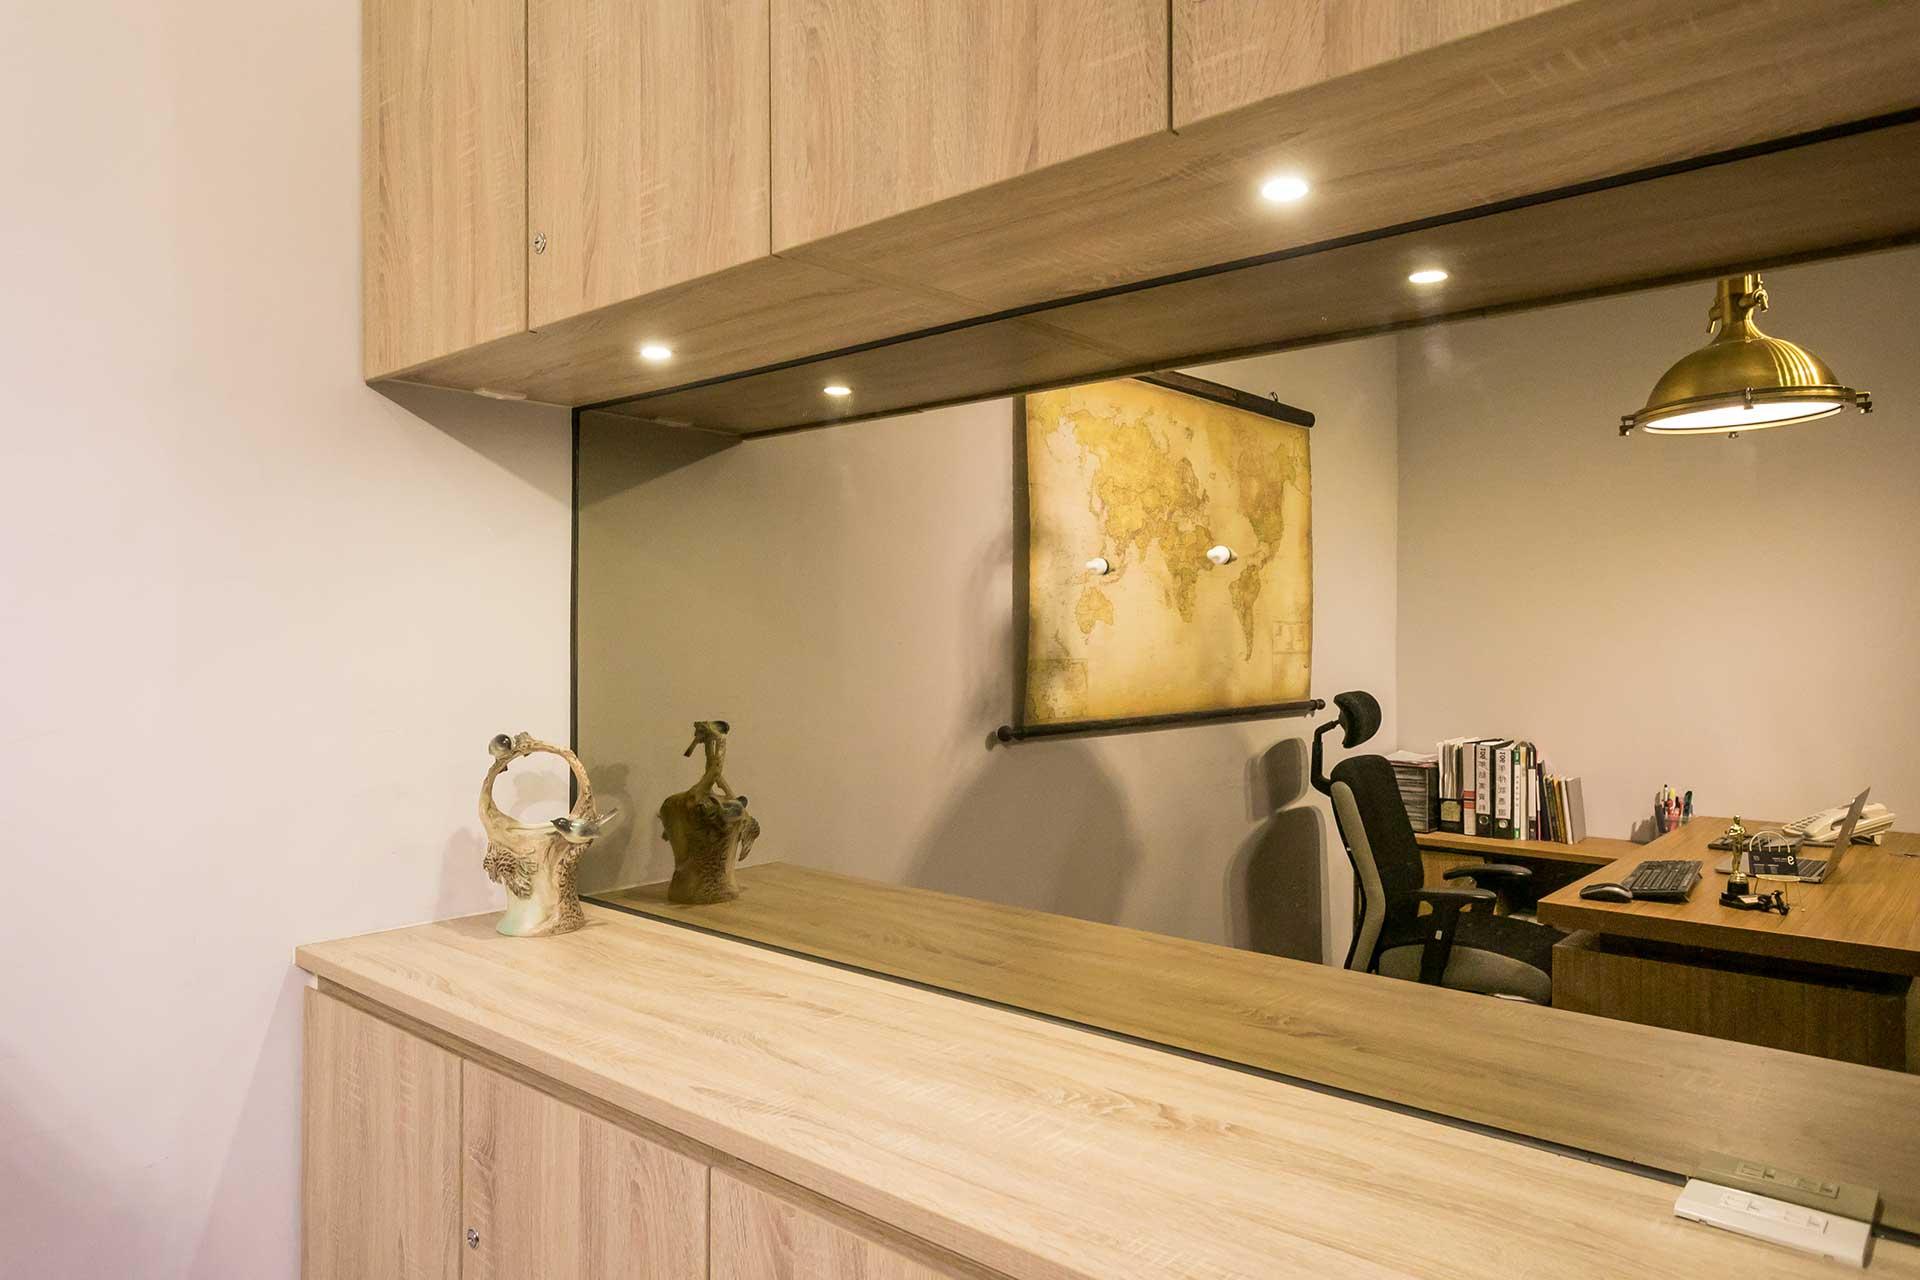 主管辦公室內的牆面鏡子,具有讓室內空間更寬敞的視覺作用